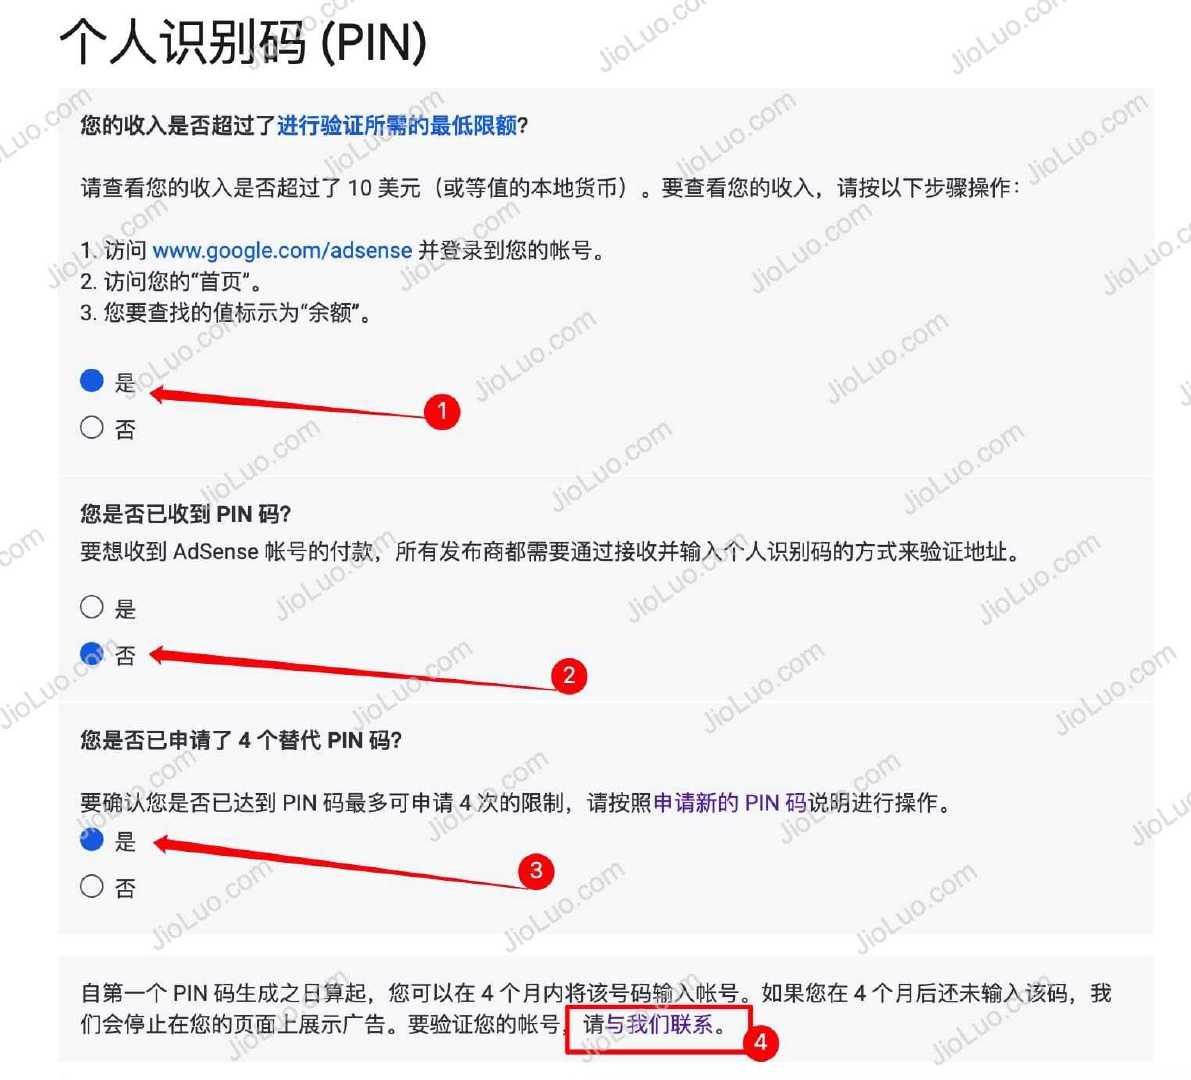 在线申请 Google AdSense 个人识别码(PIN)在线提交的网址与过程(无法接收邮政平邮)插图3